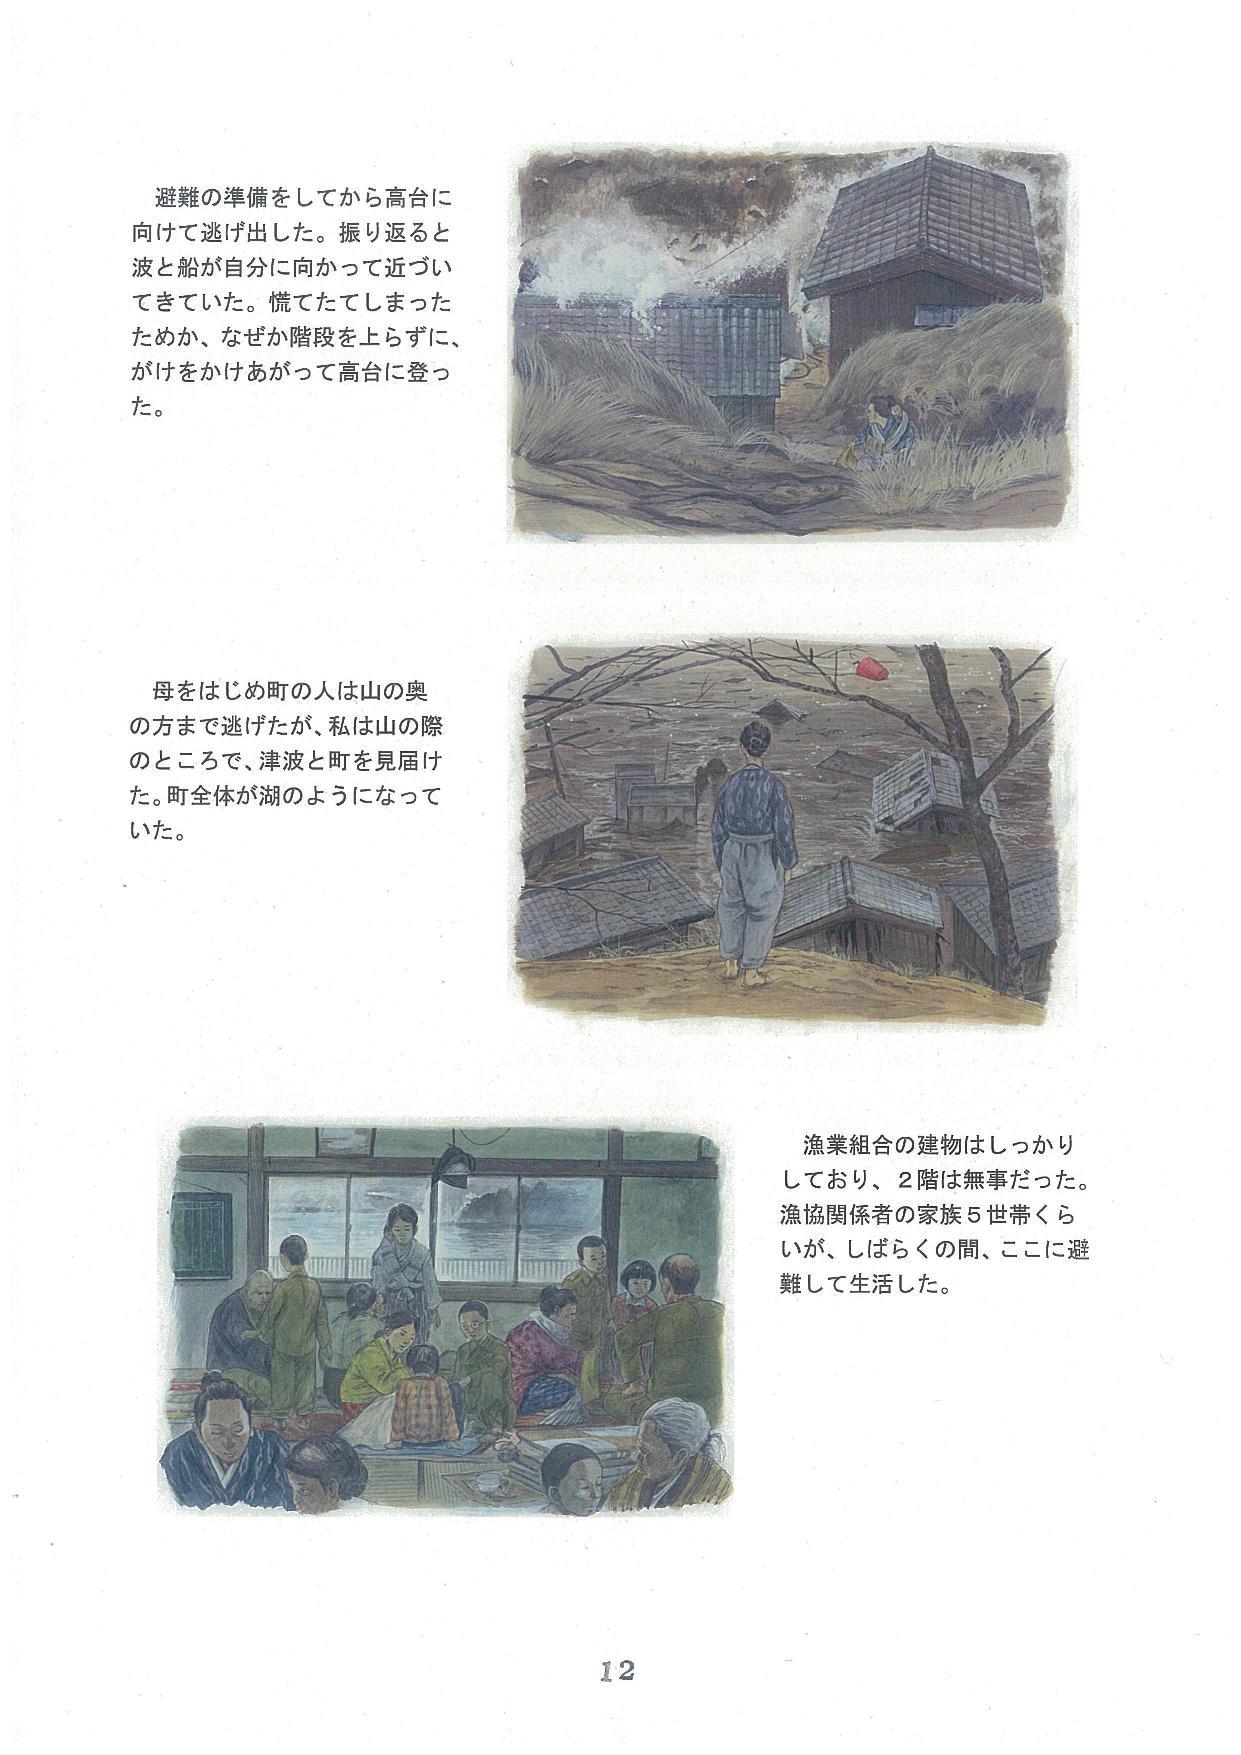 20171208-02_ページ_12